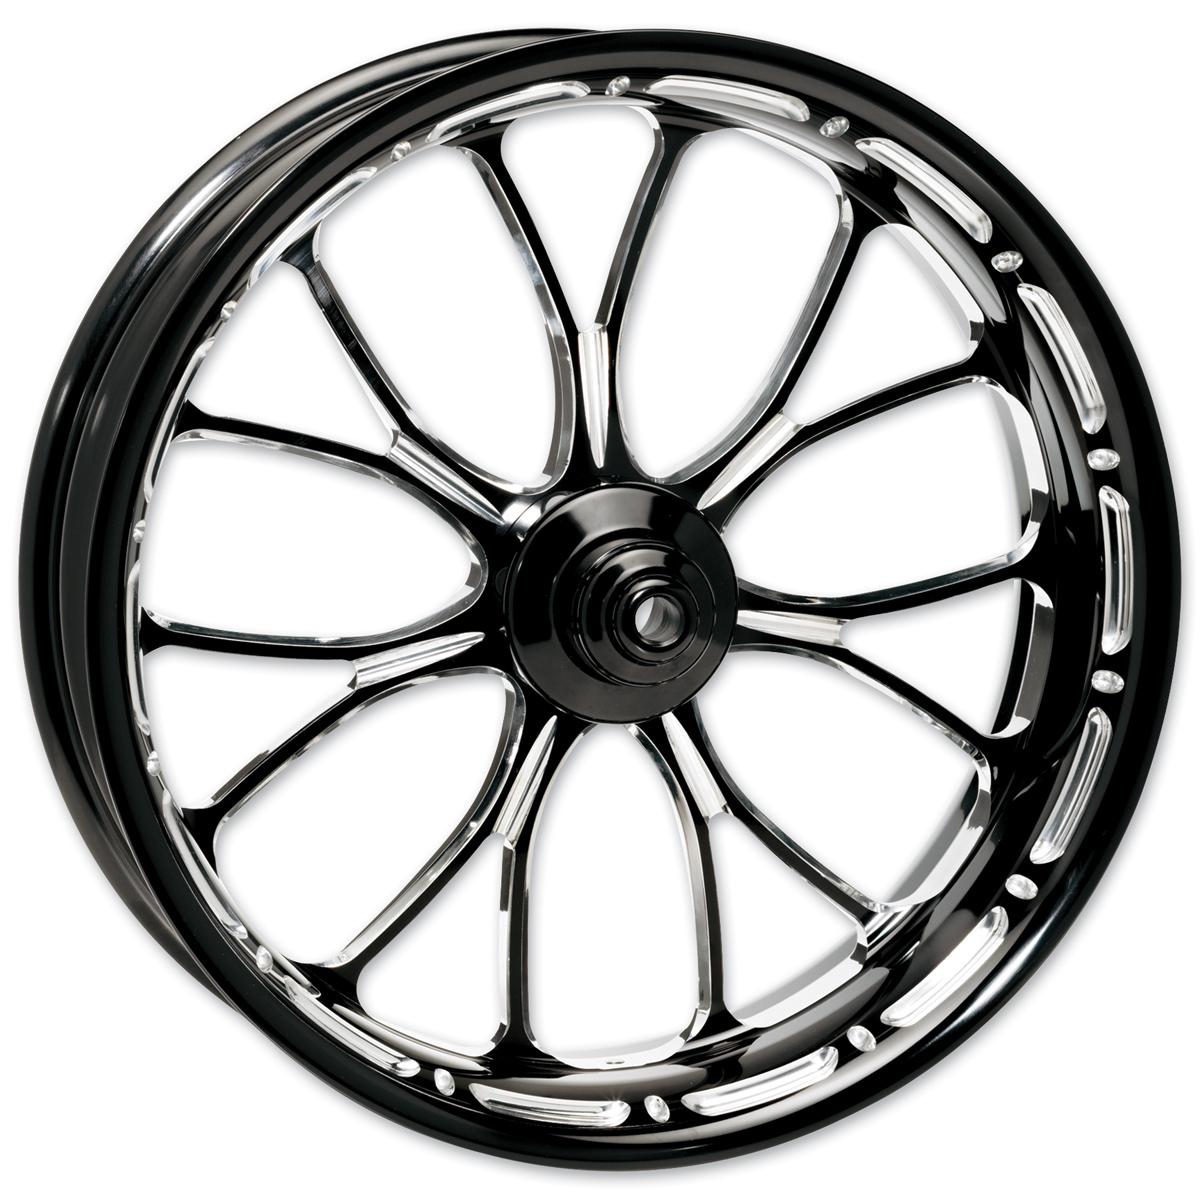 Performance Machine Heathen Platinum Cut Rear Wheel 18x5.5 ABS